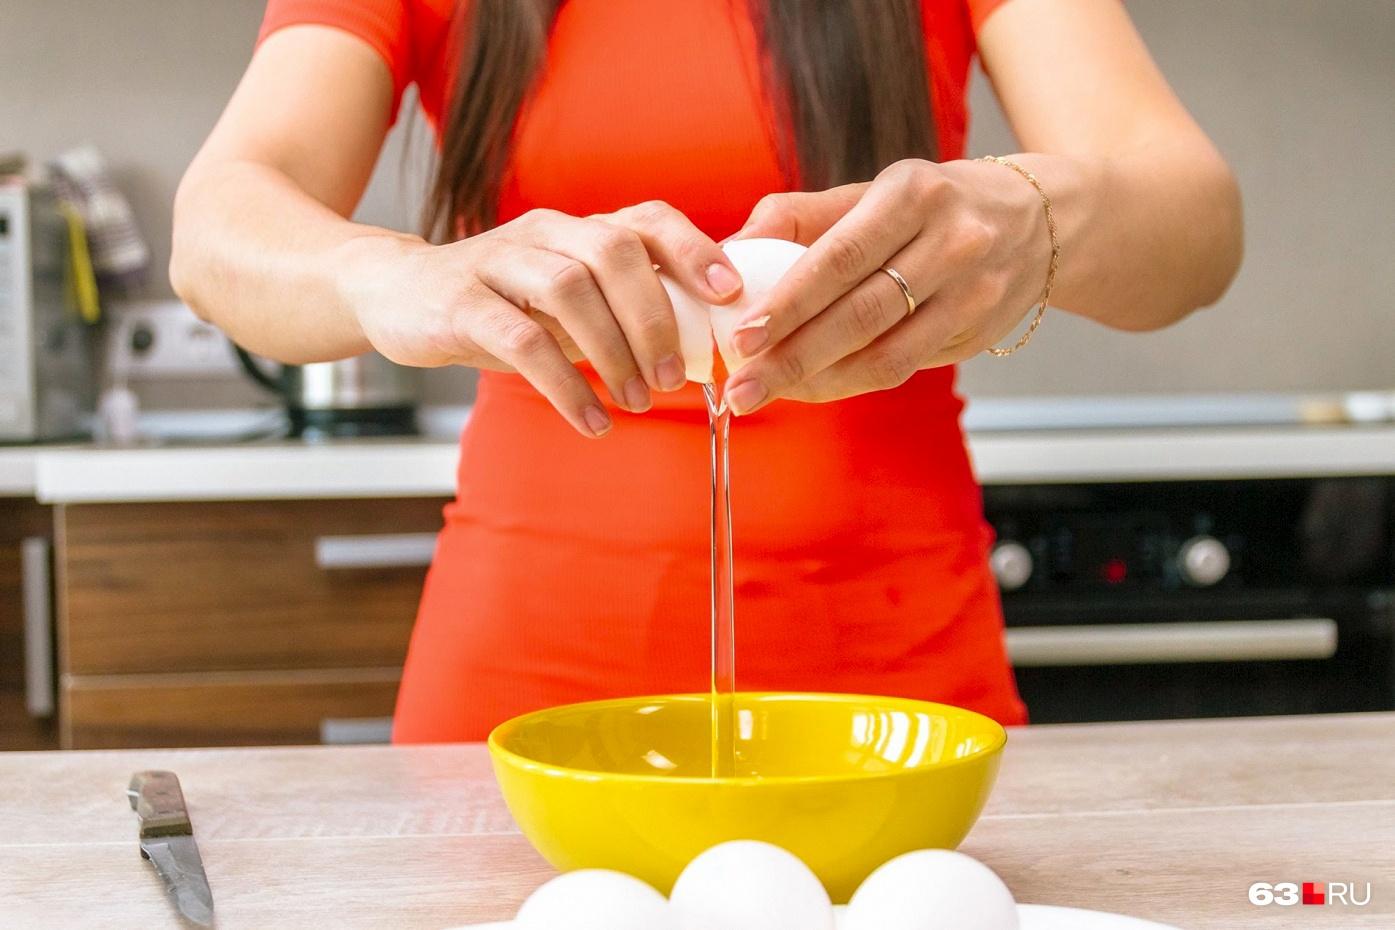 Пока вы боялись сальмонеллёза, в яйцах оказались другие неприятные сюрпризы